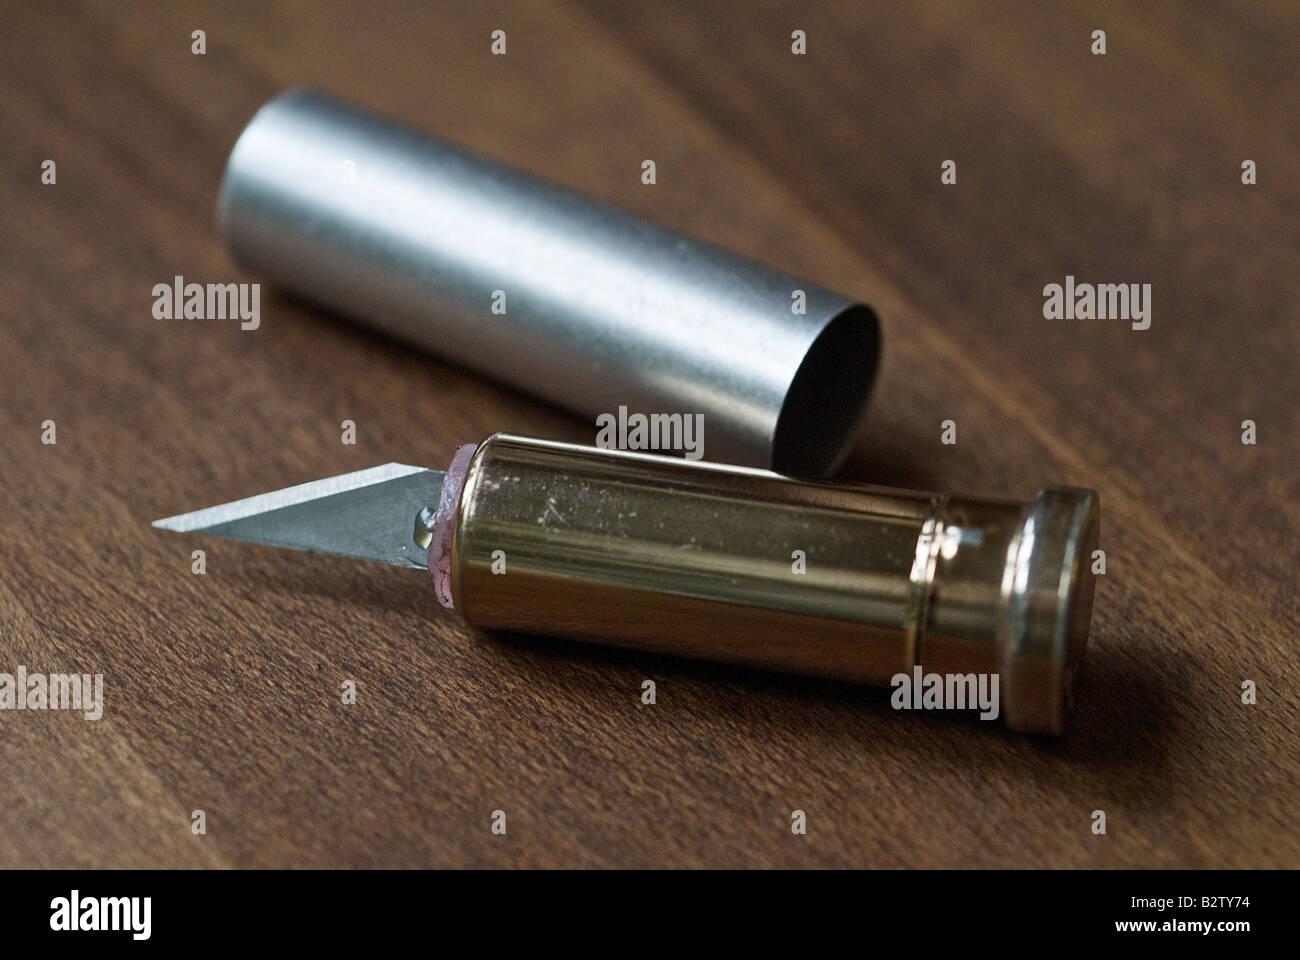 Astuccio per rossetto con collegato alla lama usata come arma Immagini Stock